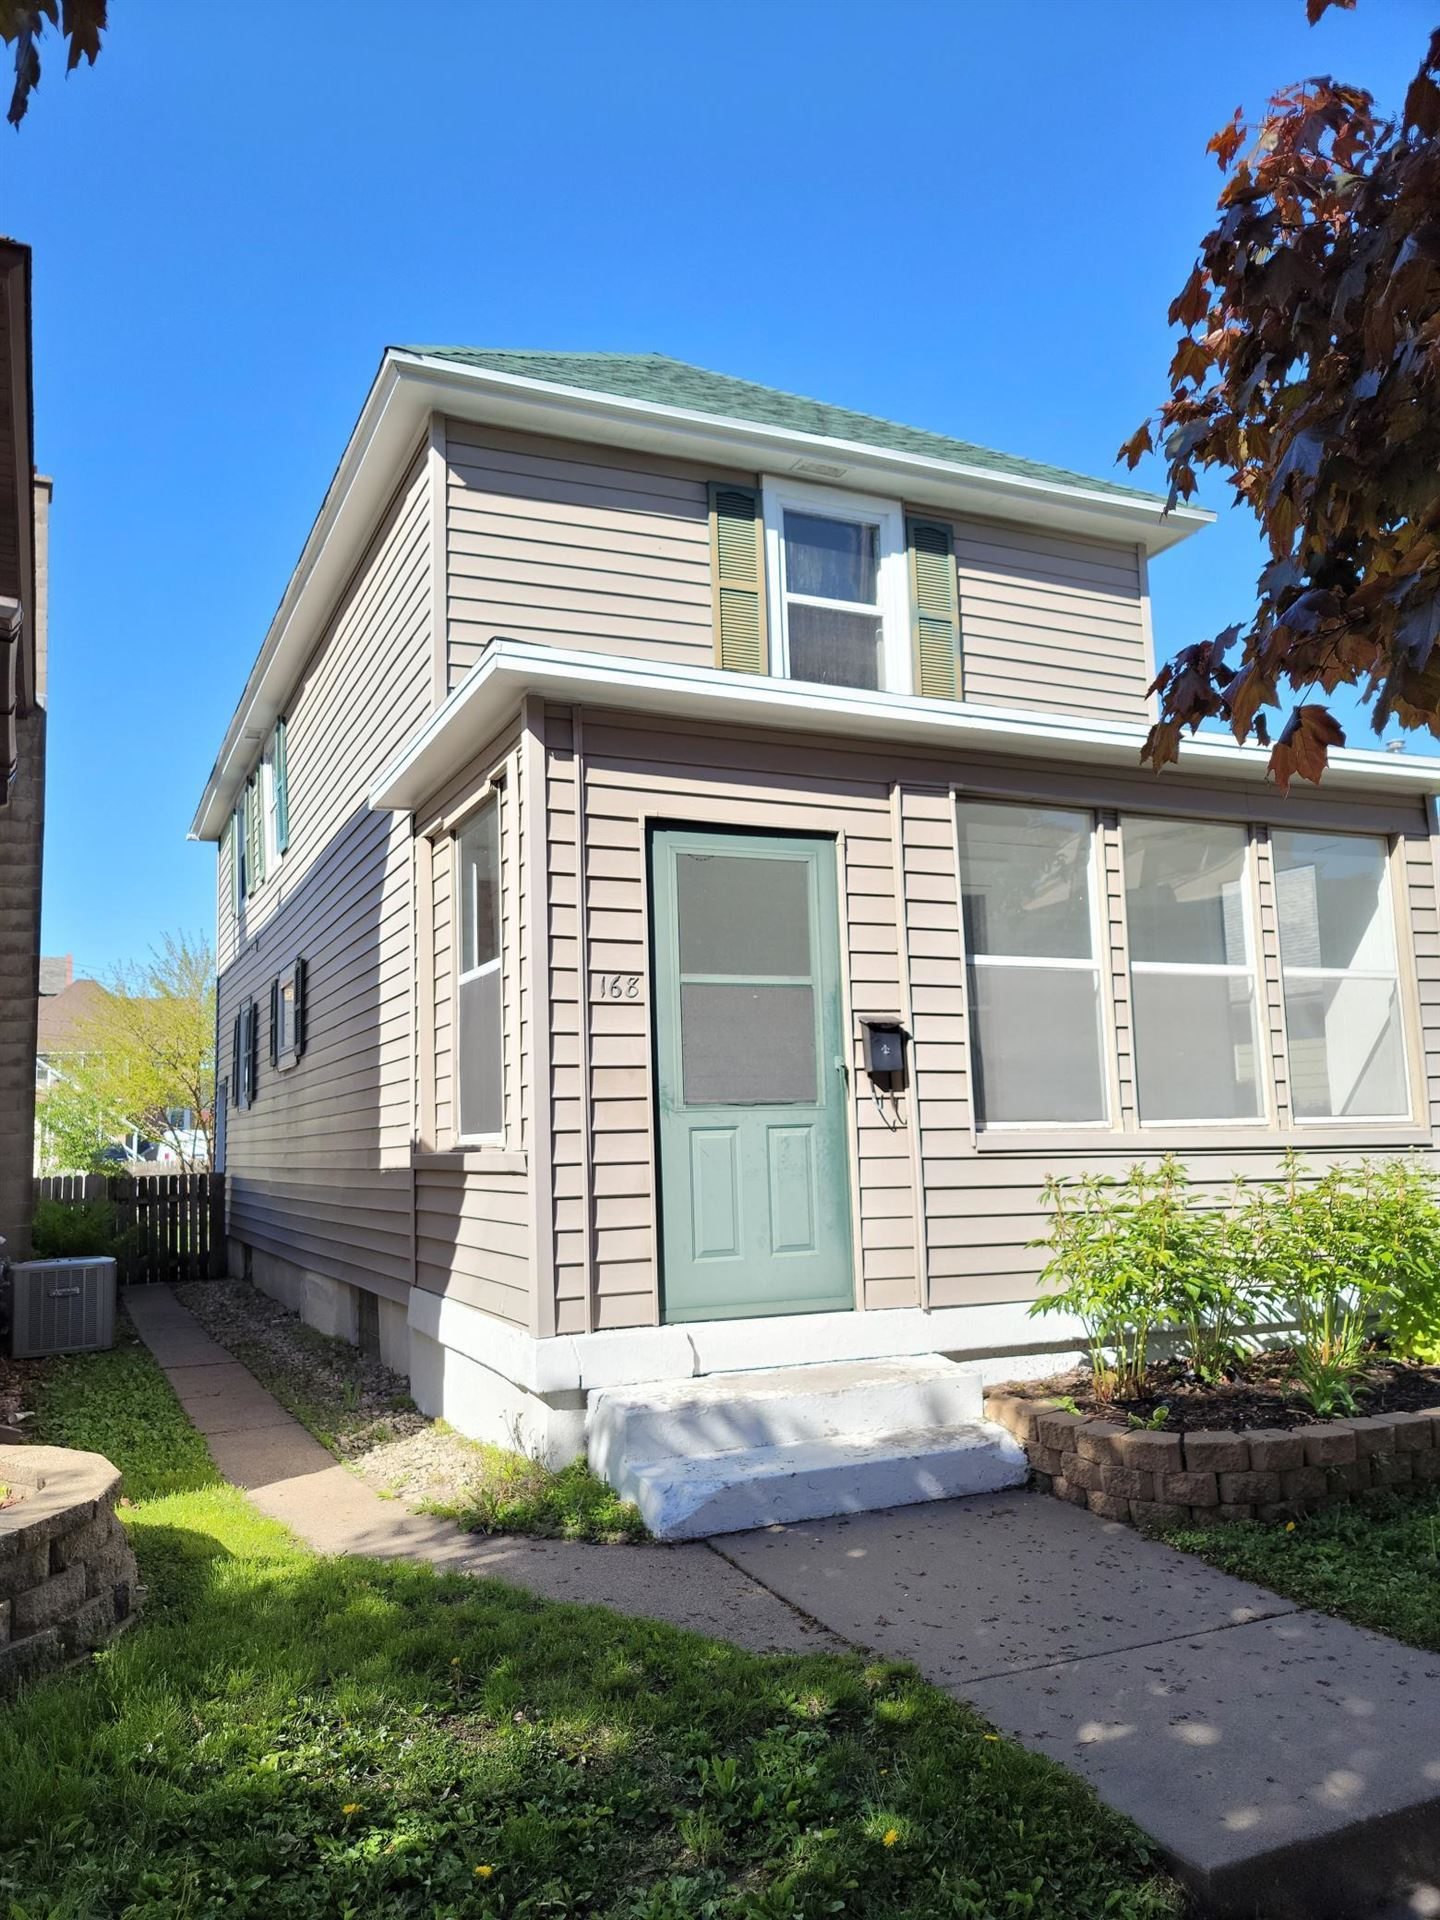 168 W 5th Street, Winona, MN 55987 - MLS#: 5756052